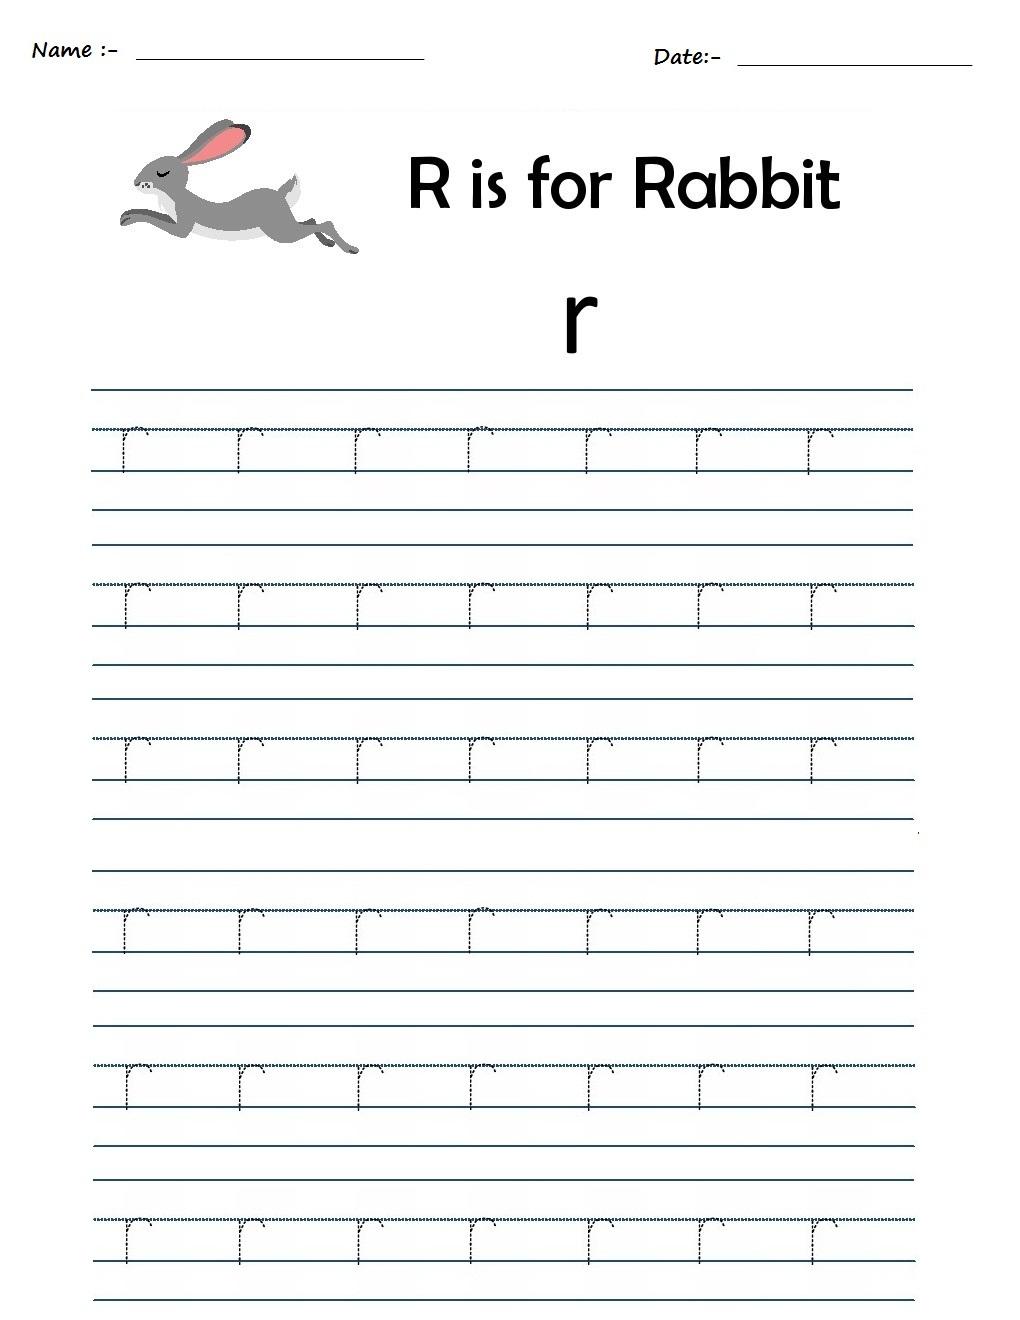 Kindergarten Worksheets: Alphabet Tracing Worksheets - R regarding Alphabet R Worksheets